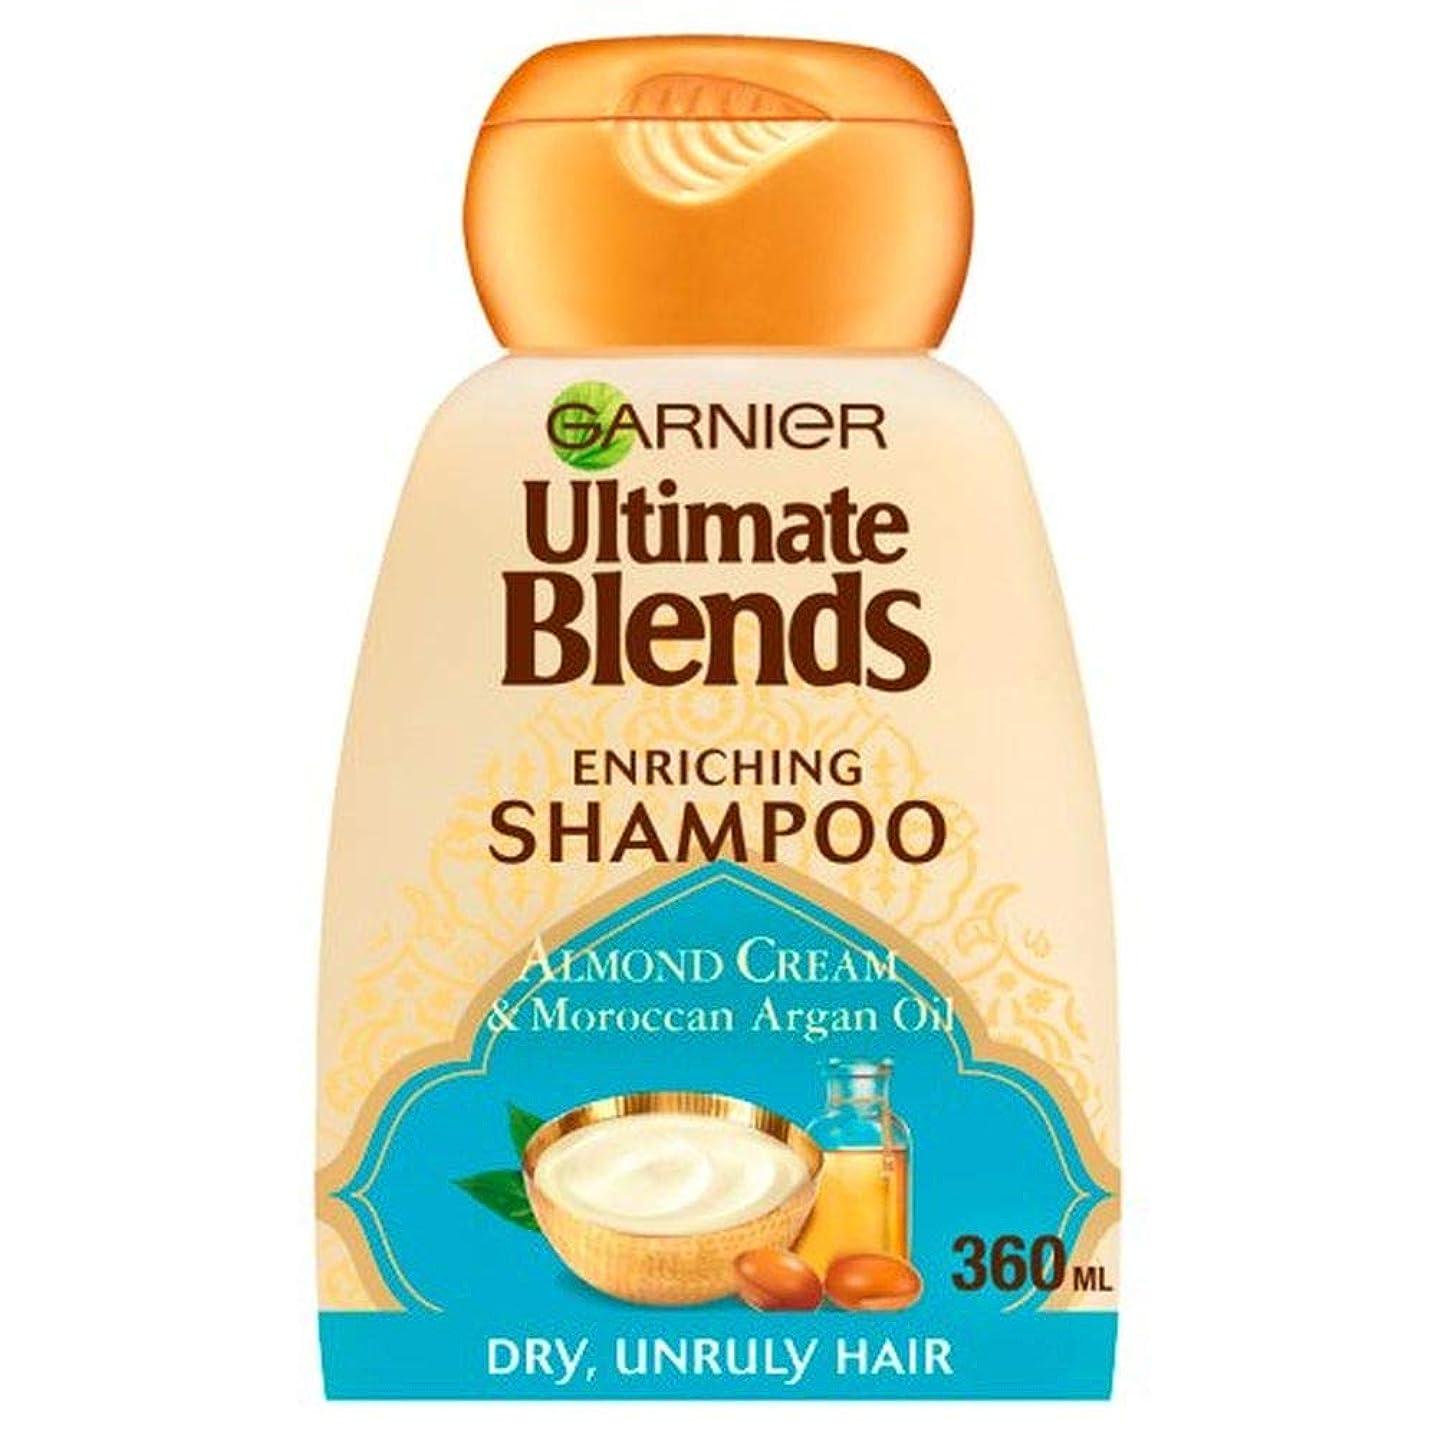 ペーストジャンル牽引[Garnier ] Ga/究極のブレンドのArg /オイルとアーモンドシャンプー360ミリリットルRを - Ga/R Ultimate Blends Arg/Oil And Almond Shampoo 360Ml [並行輸入品]